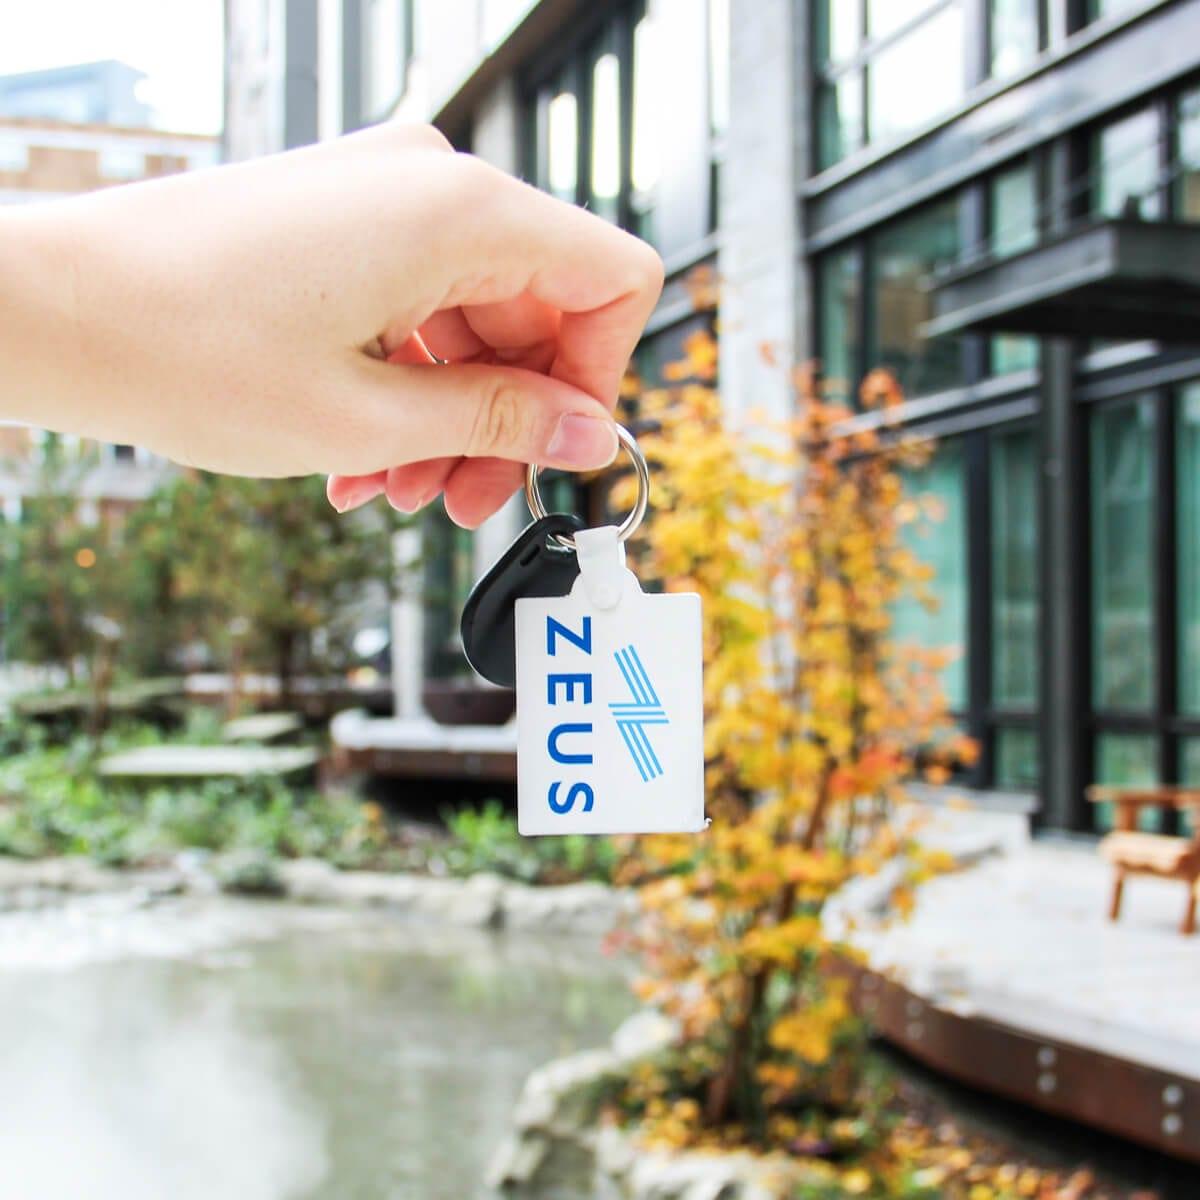 zeus door key, apartment courtyard